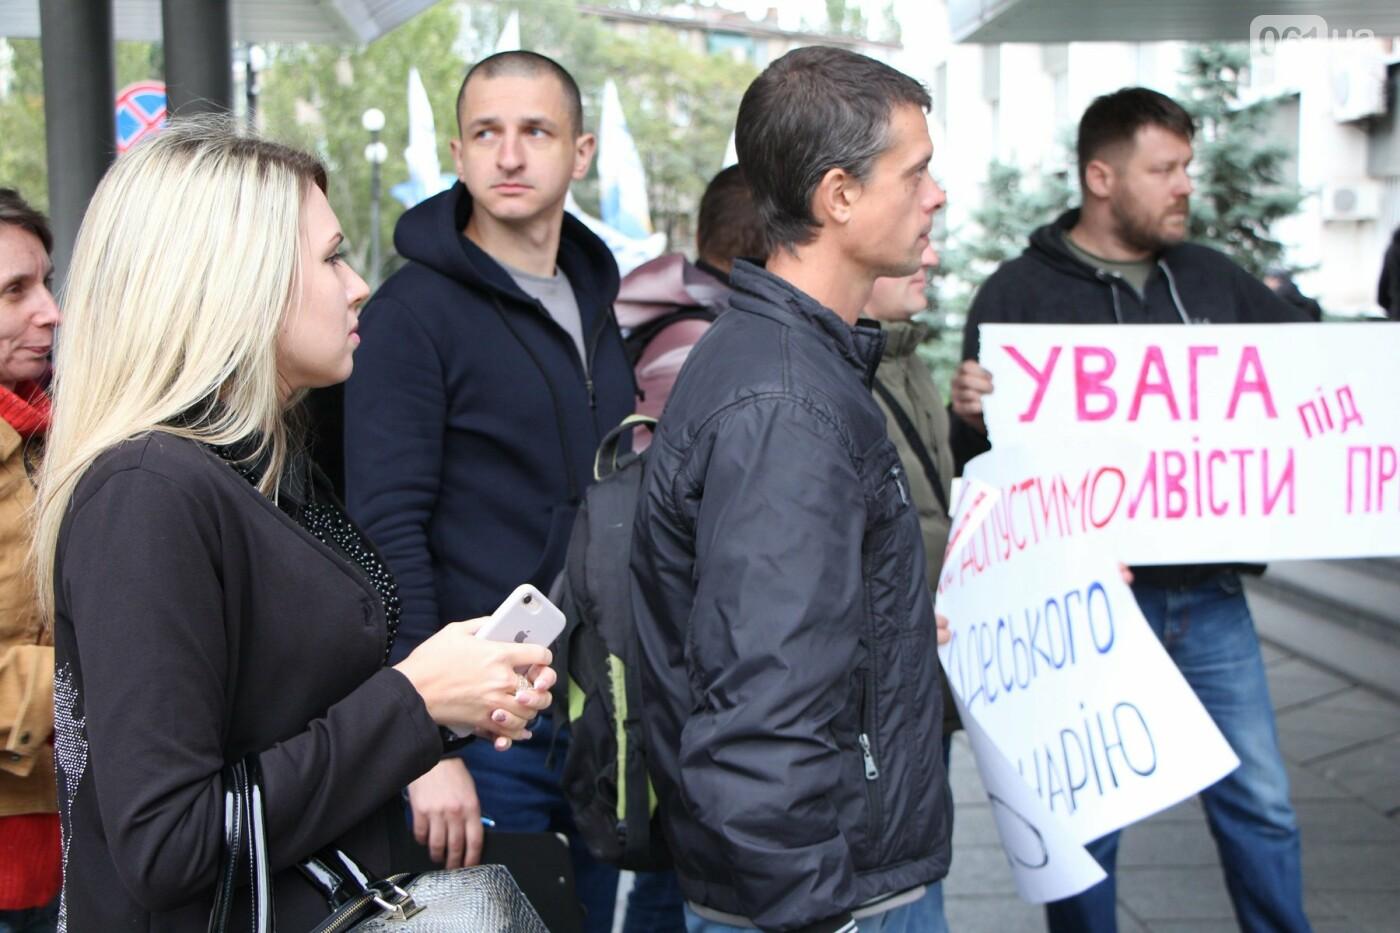 Активисты под прицелом: в Запорожье под зданием Нацполиции митинговали за расследование преступлений, - ФОТОРЕПОРТАЖ, фото-6